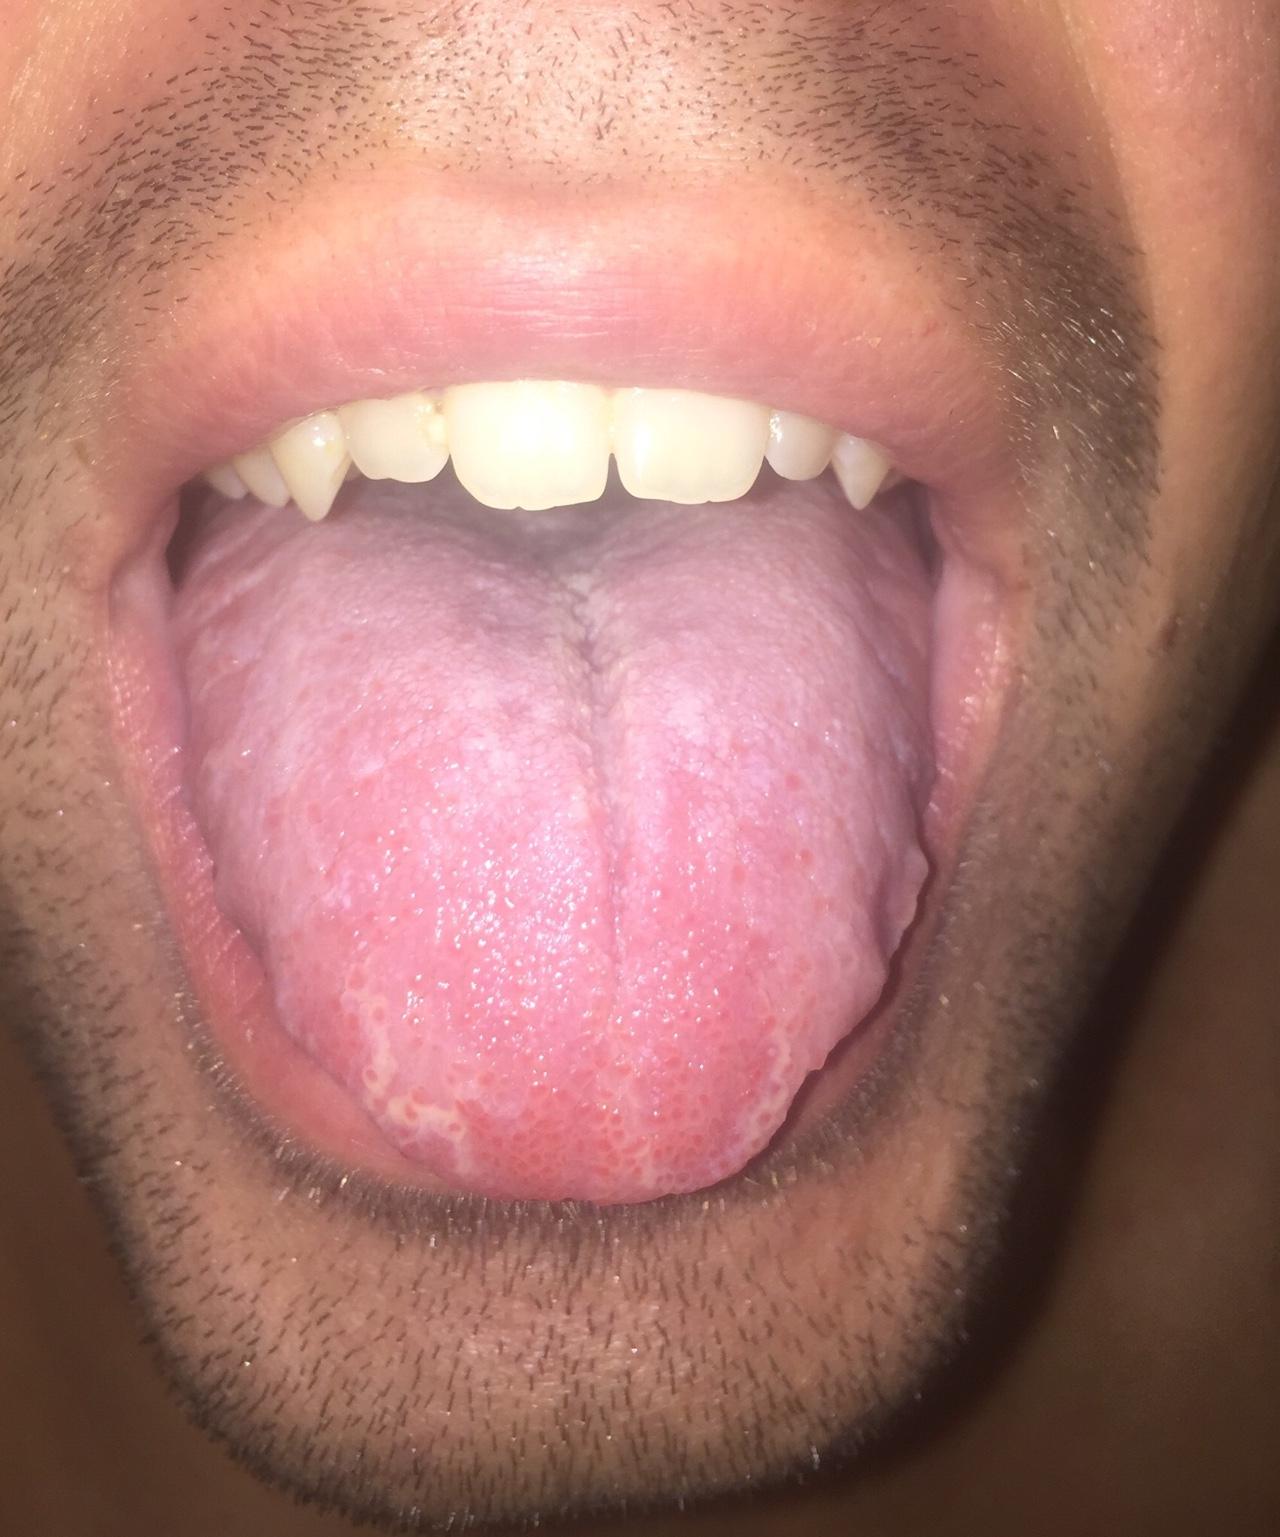 Причины и лечение язвочек на языке у взрослых и детей. как лечить медикаментозными и народными средствами